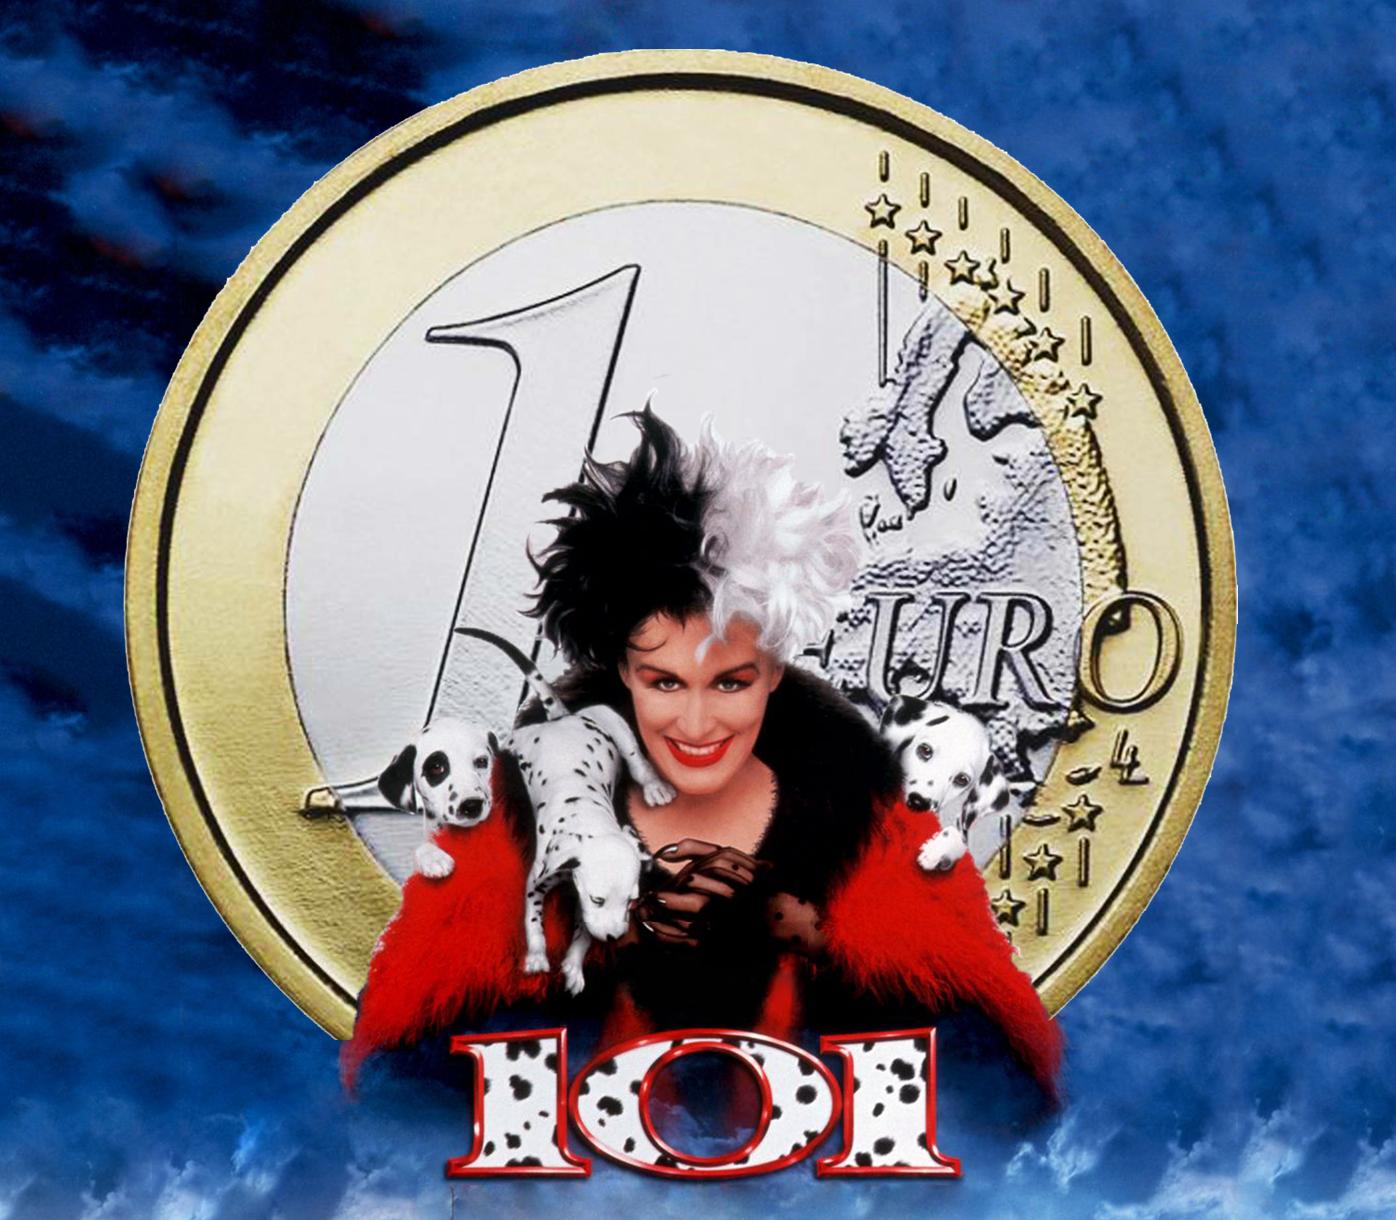 539033d7f9 La carica dei 101 contro l'euro – Parte 1 di 2 – Paolo Becchi